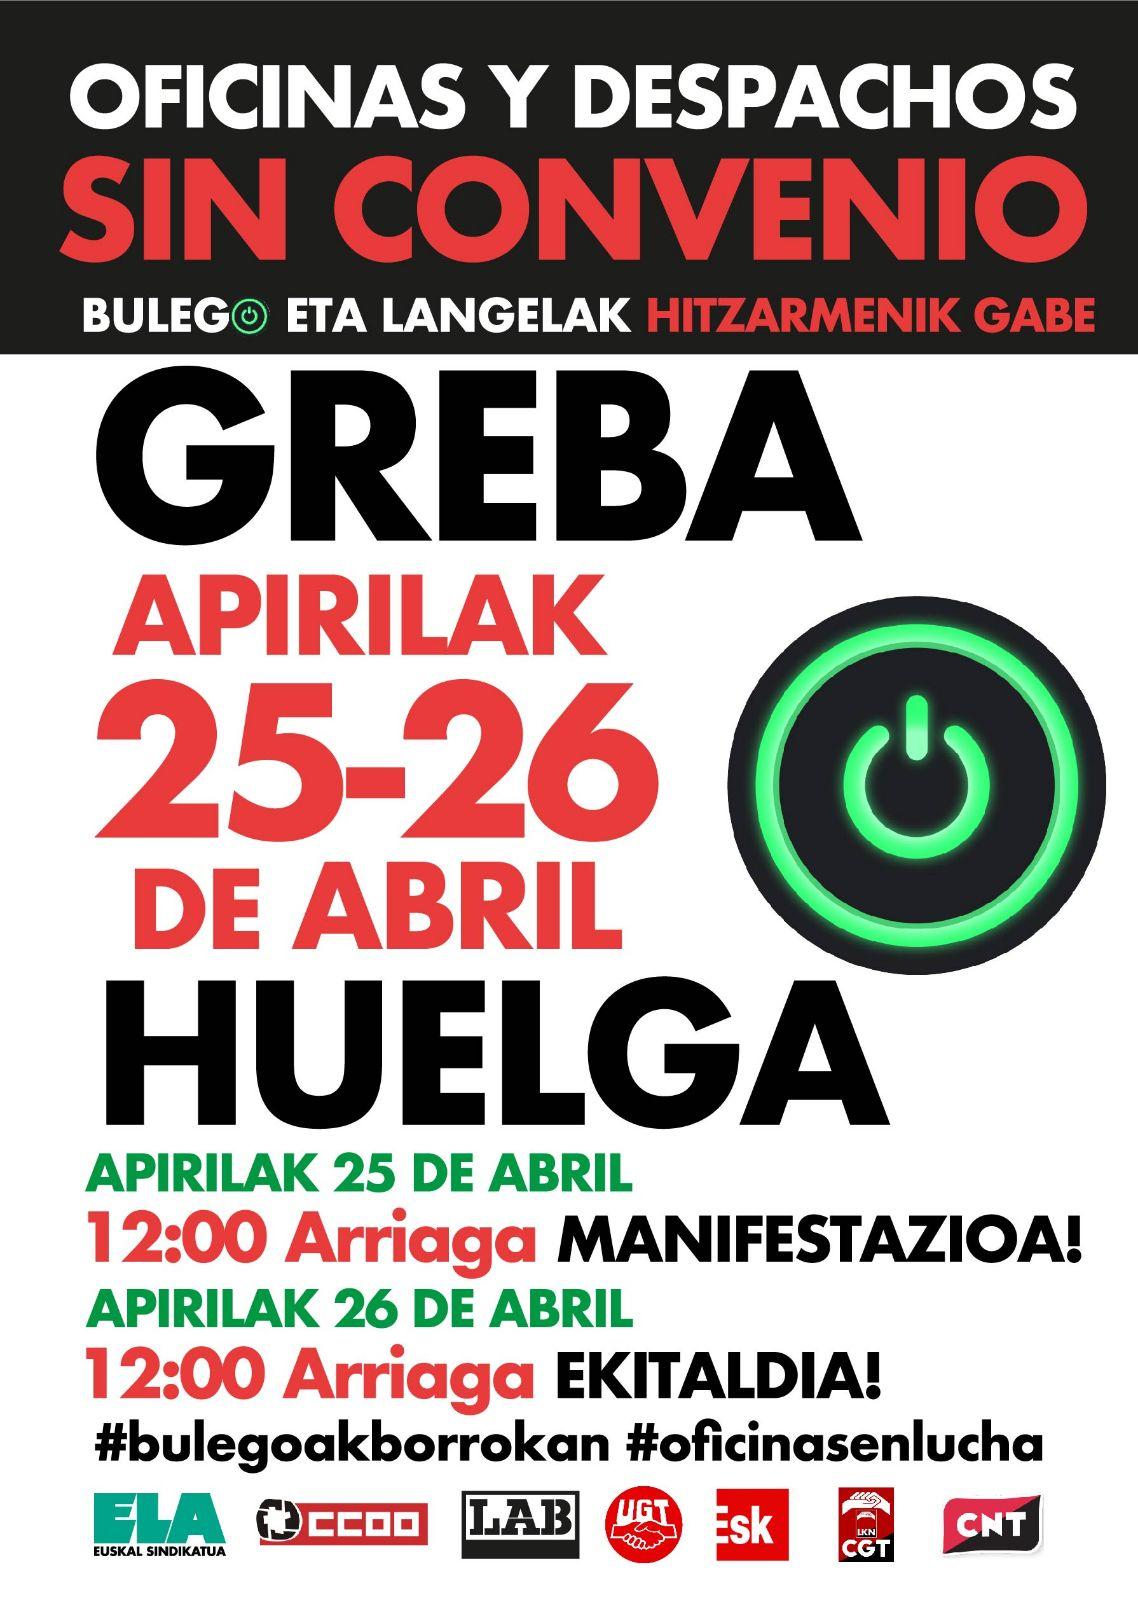 Ugt gfi norte ko enpresa batzordea comit de empresa for Convenio colectivo oficinas y despachos zaragoza